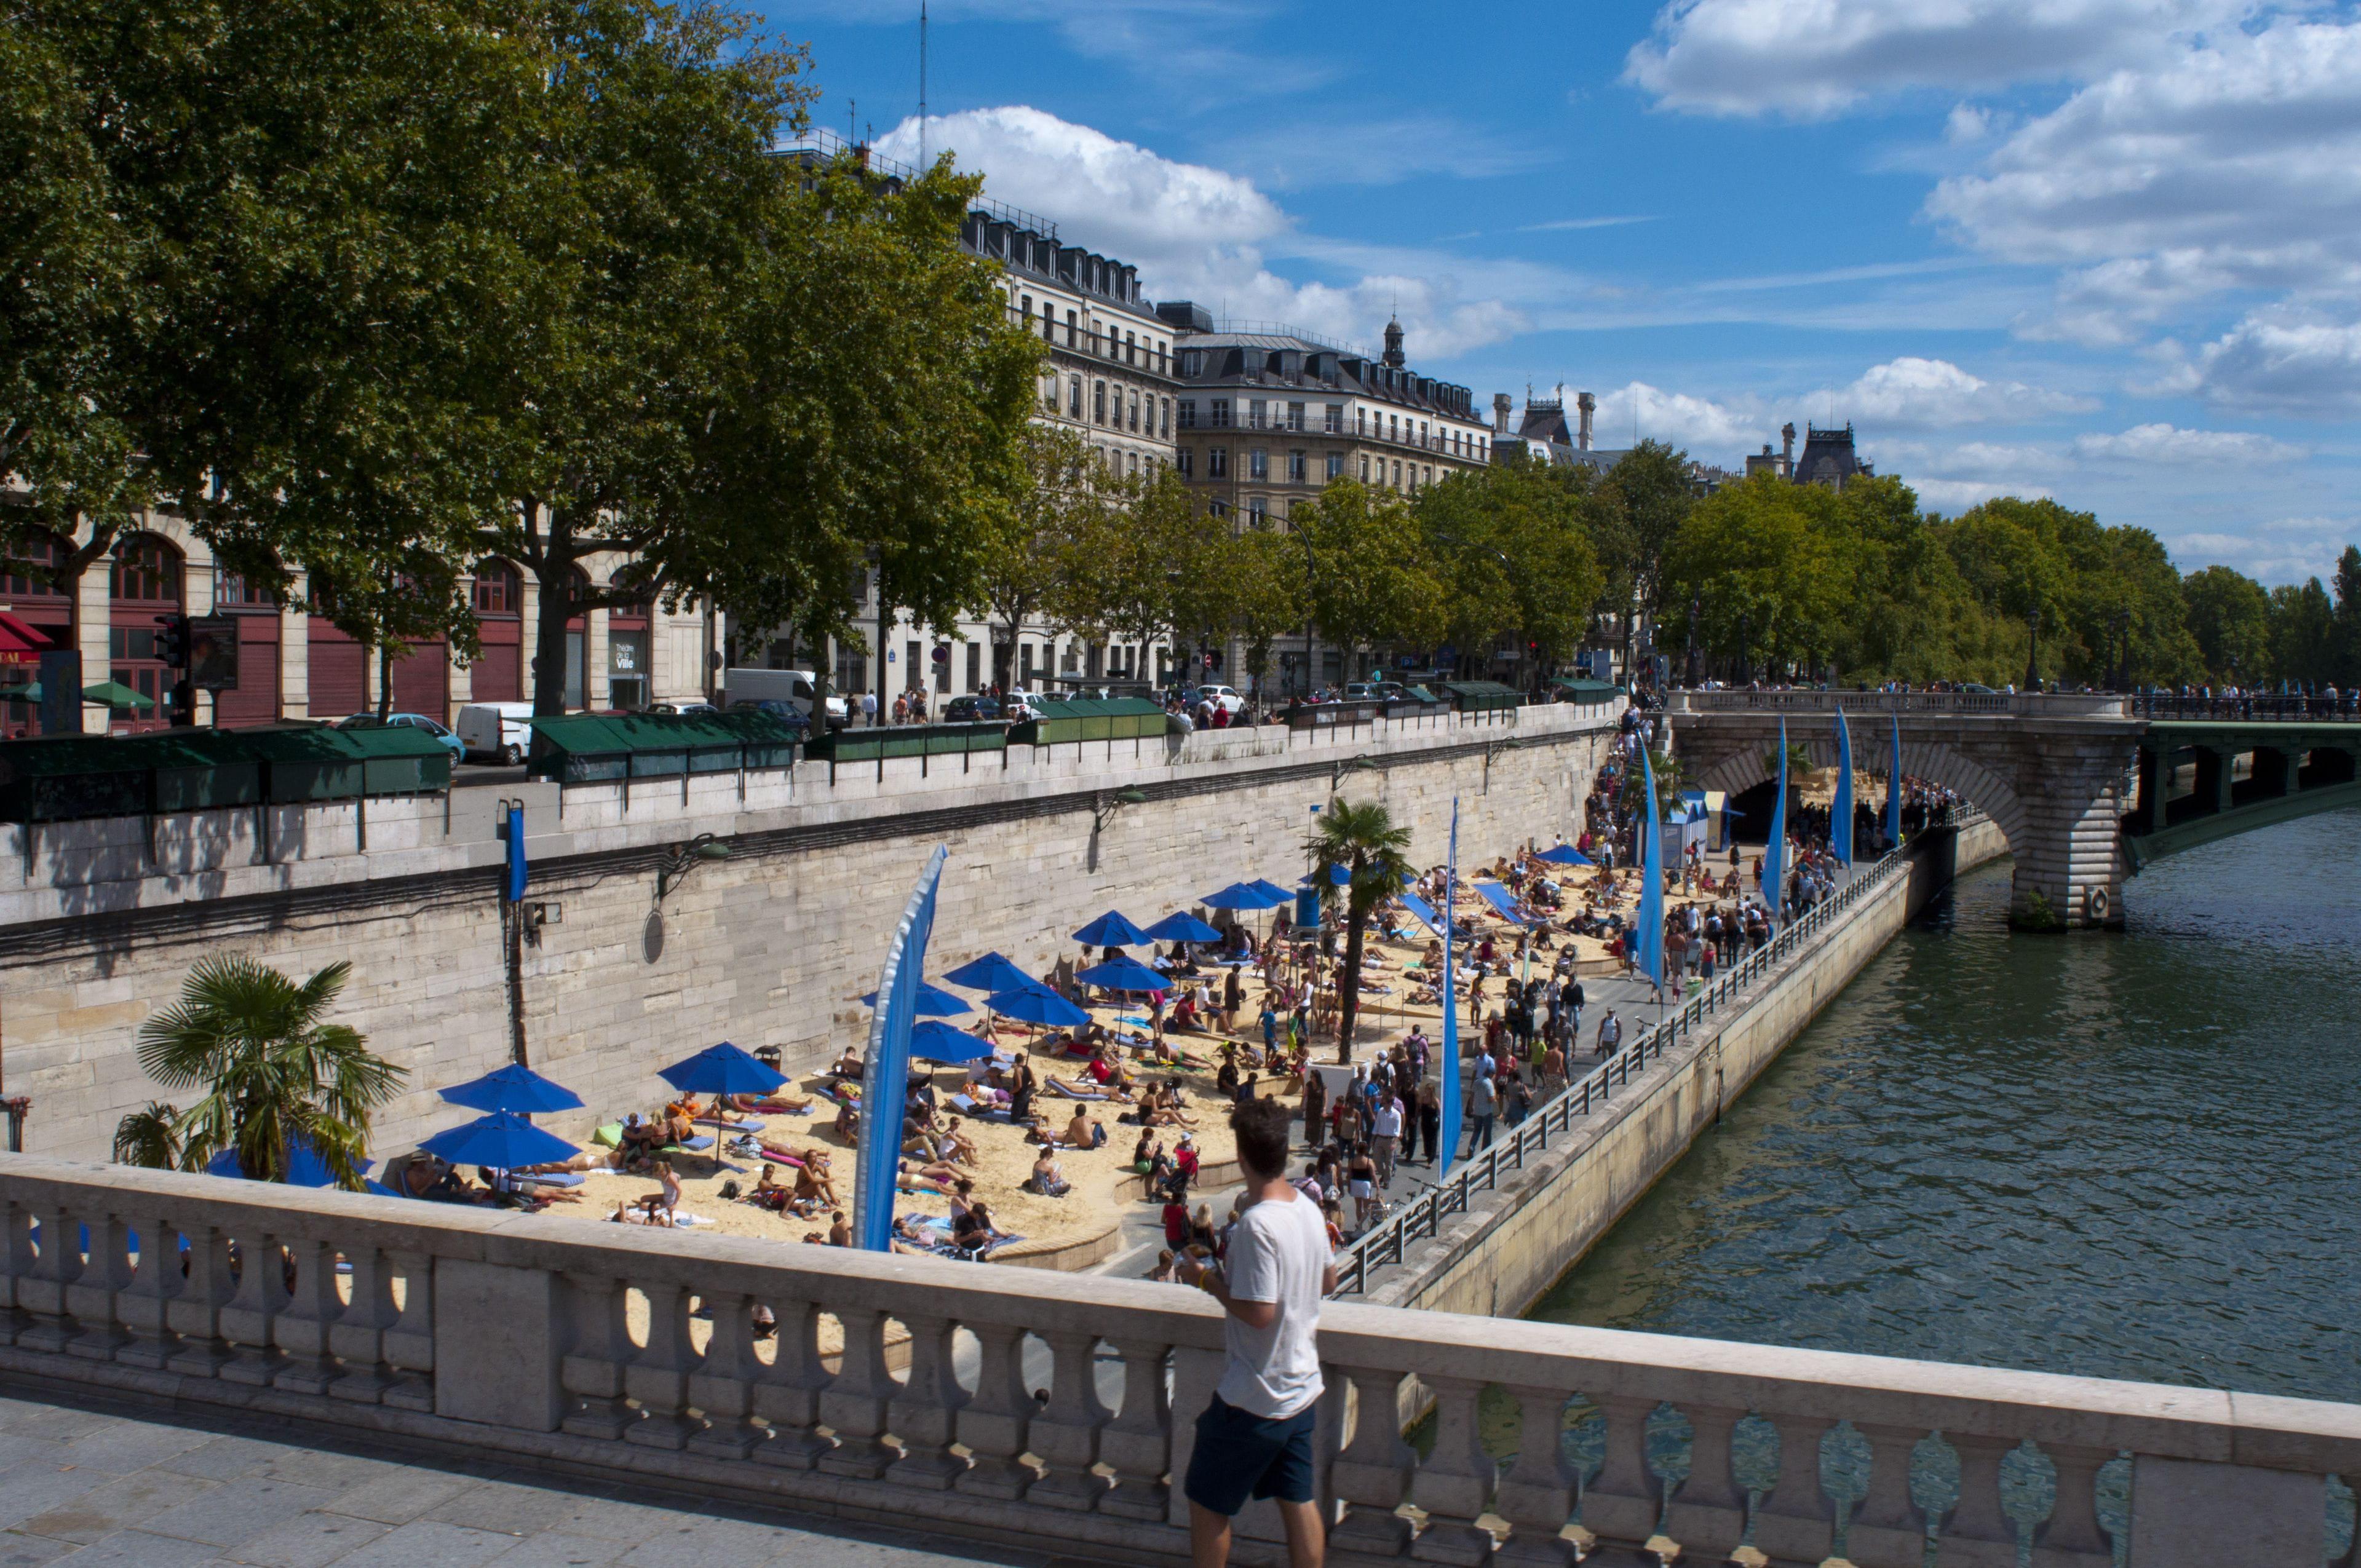 Paris plages 2016 dates horaires plan toutes les infos sur cette nouvelle dition - Piscine plage paris asnieres sur seine ...